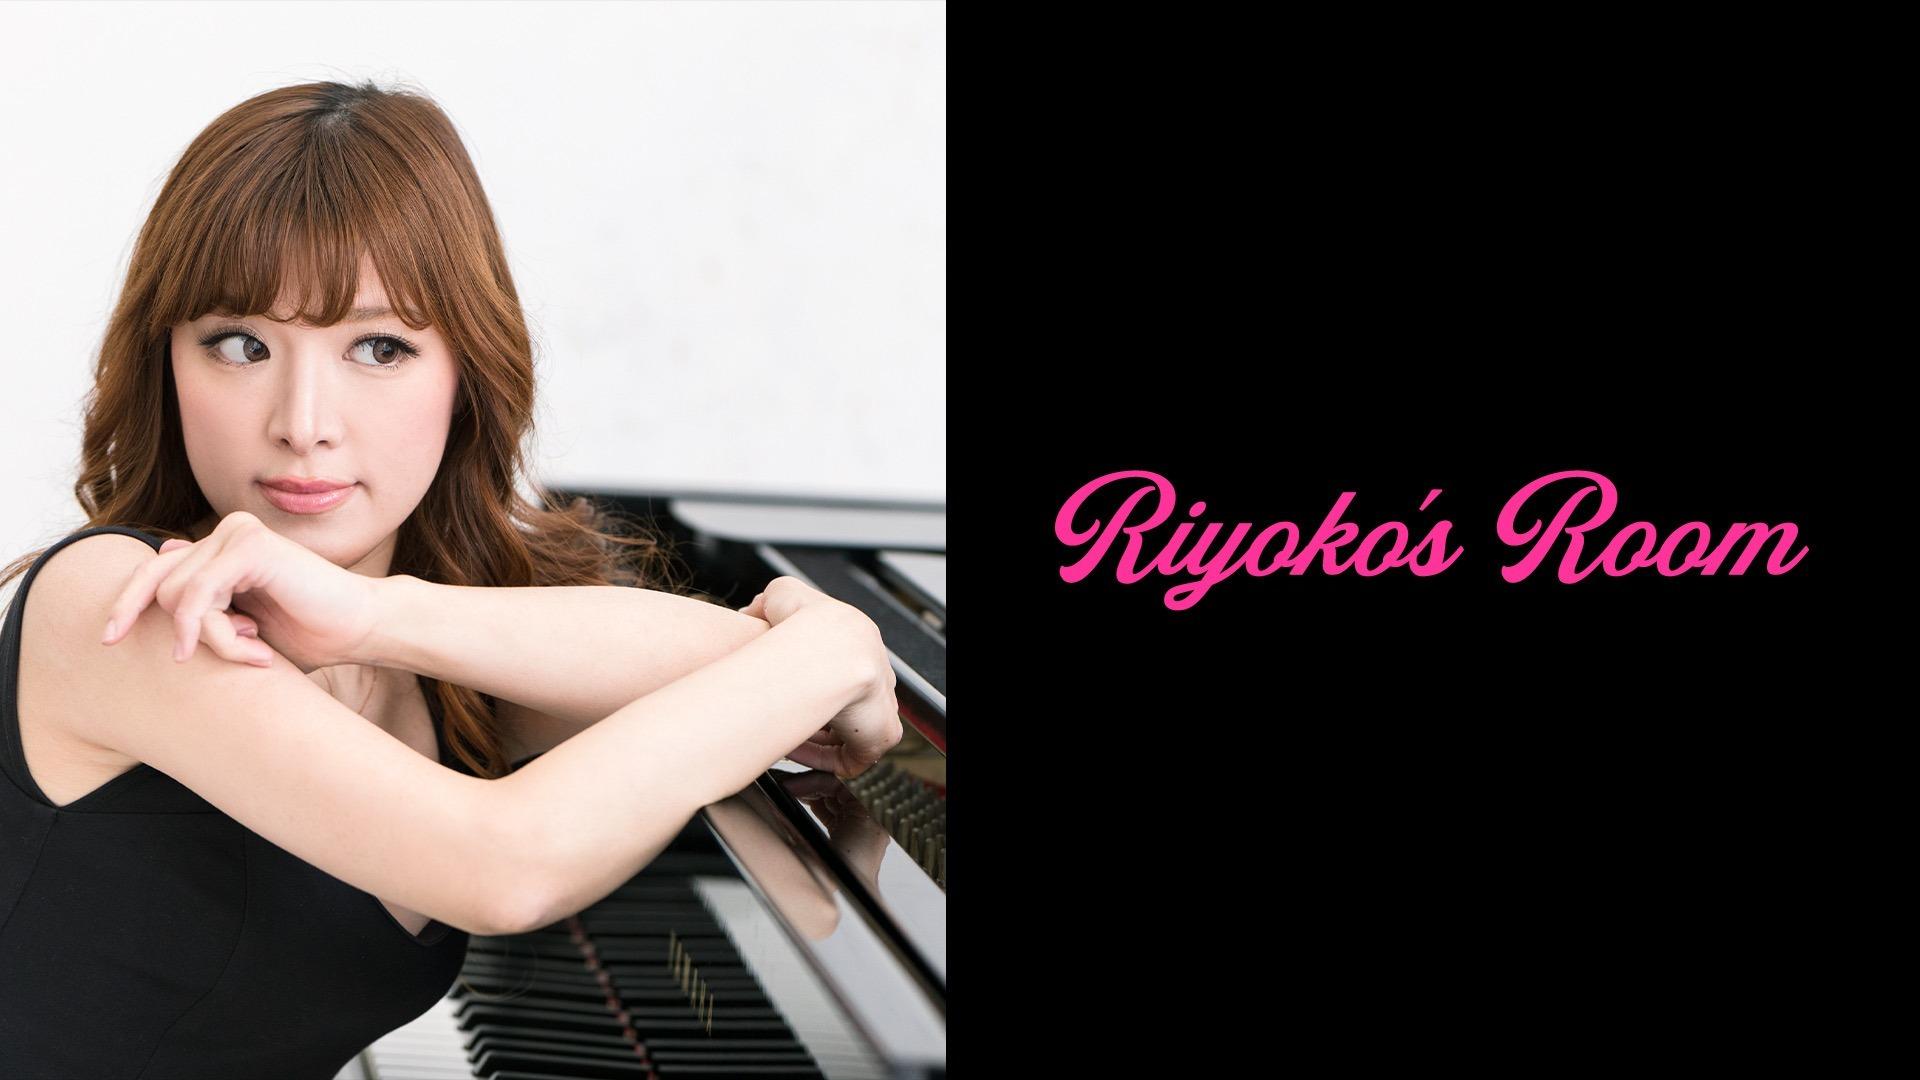 高木里代子 - Riyoko's Room - DMM オンラインサロン